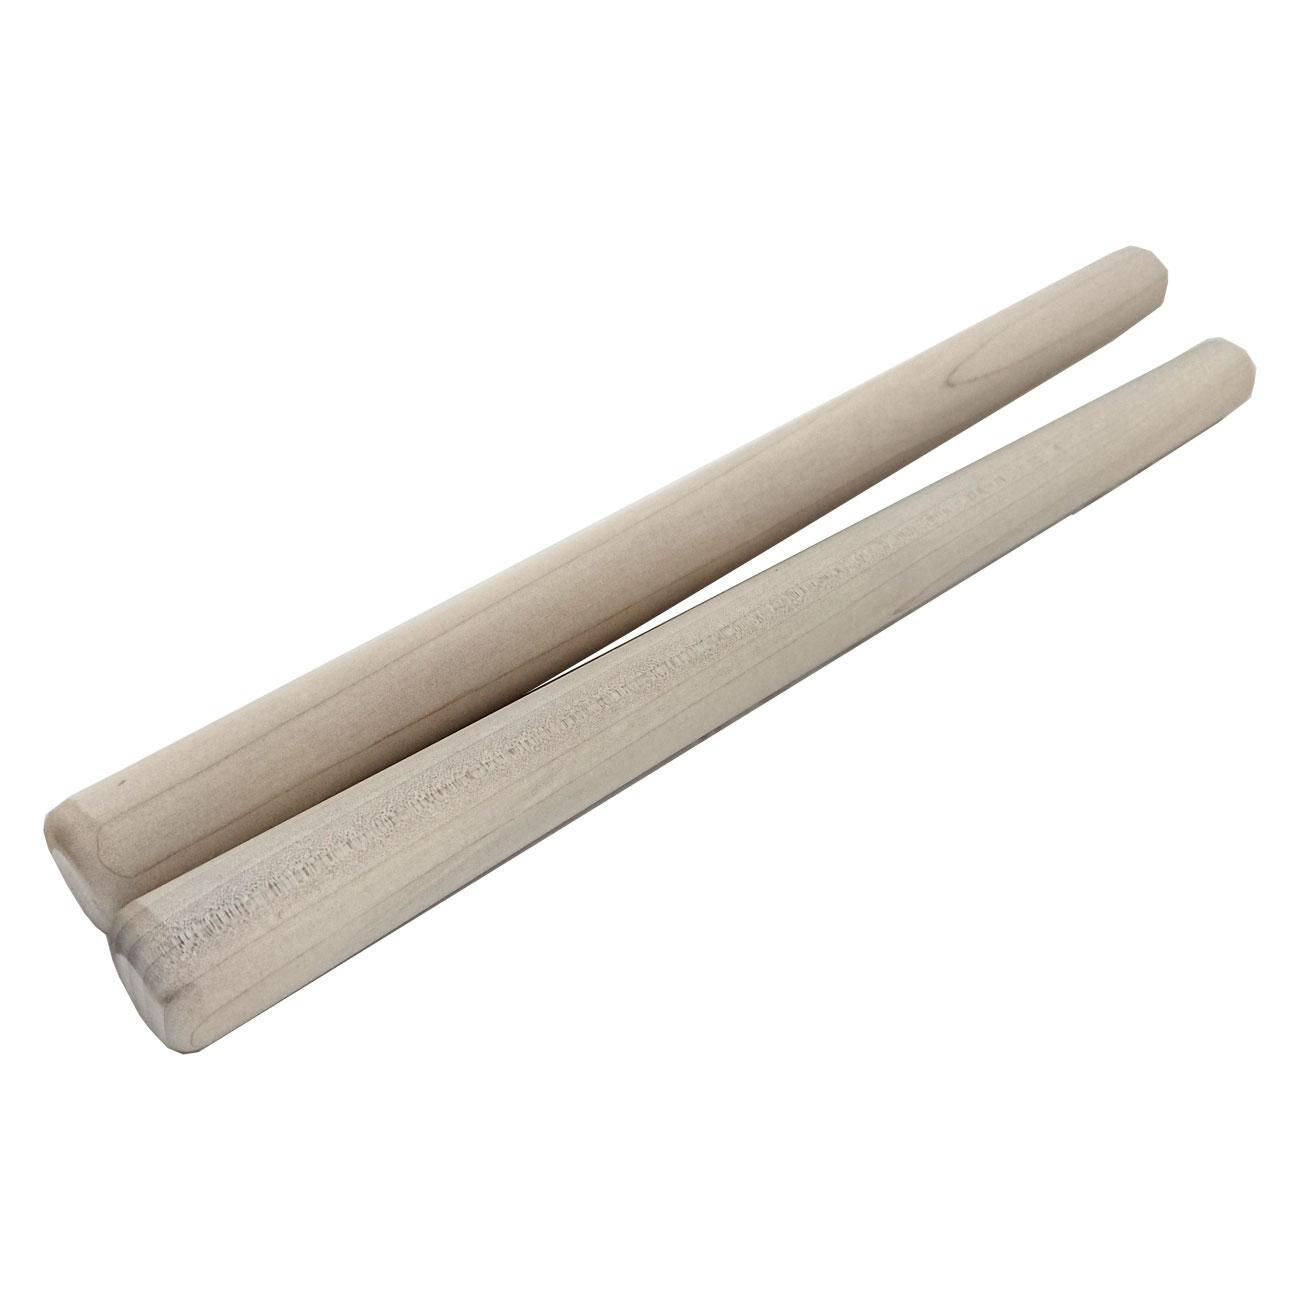 太鼓バチ 材質:ホオ 太さ26mm X 長さ420mm 国産手工バチ 西日本楽器